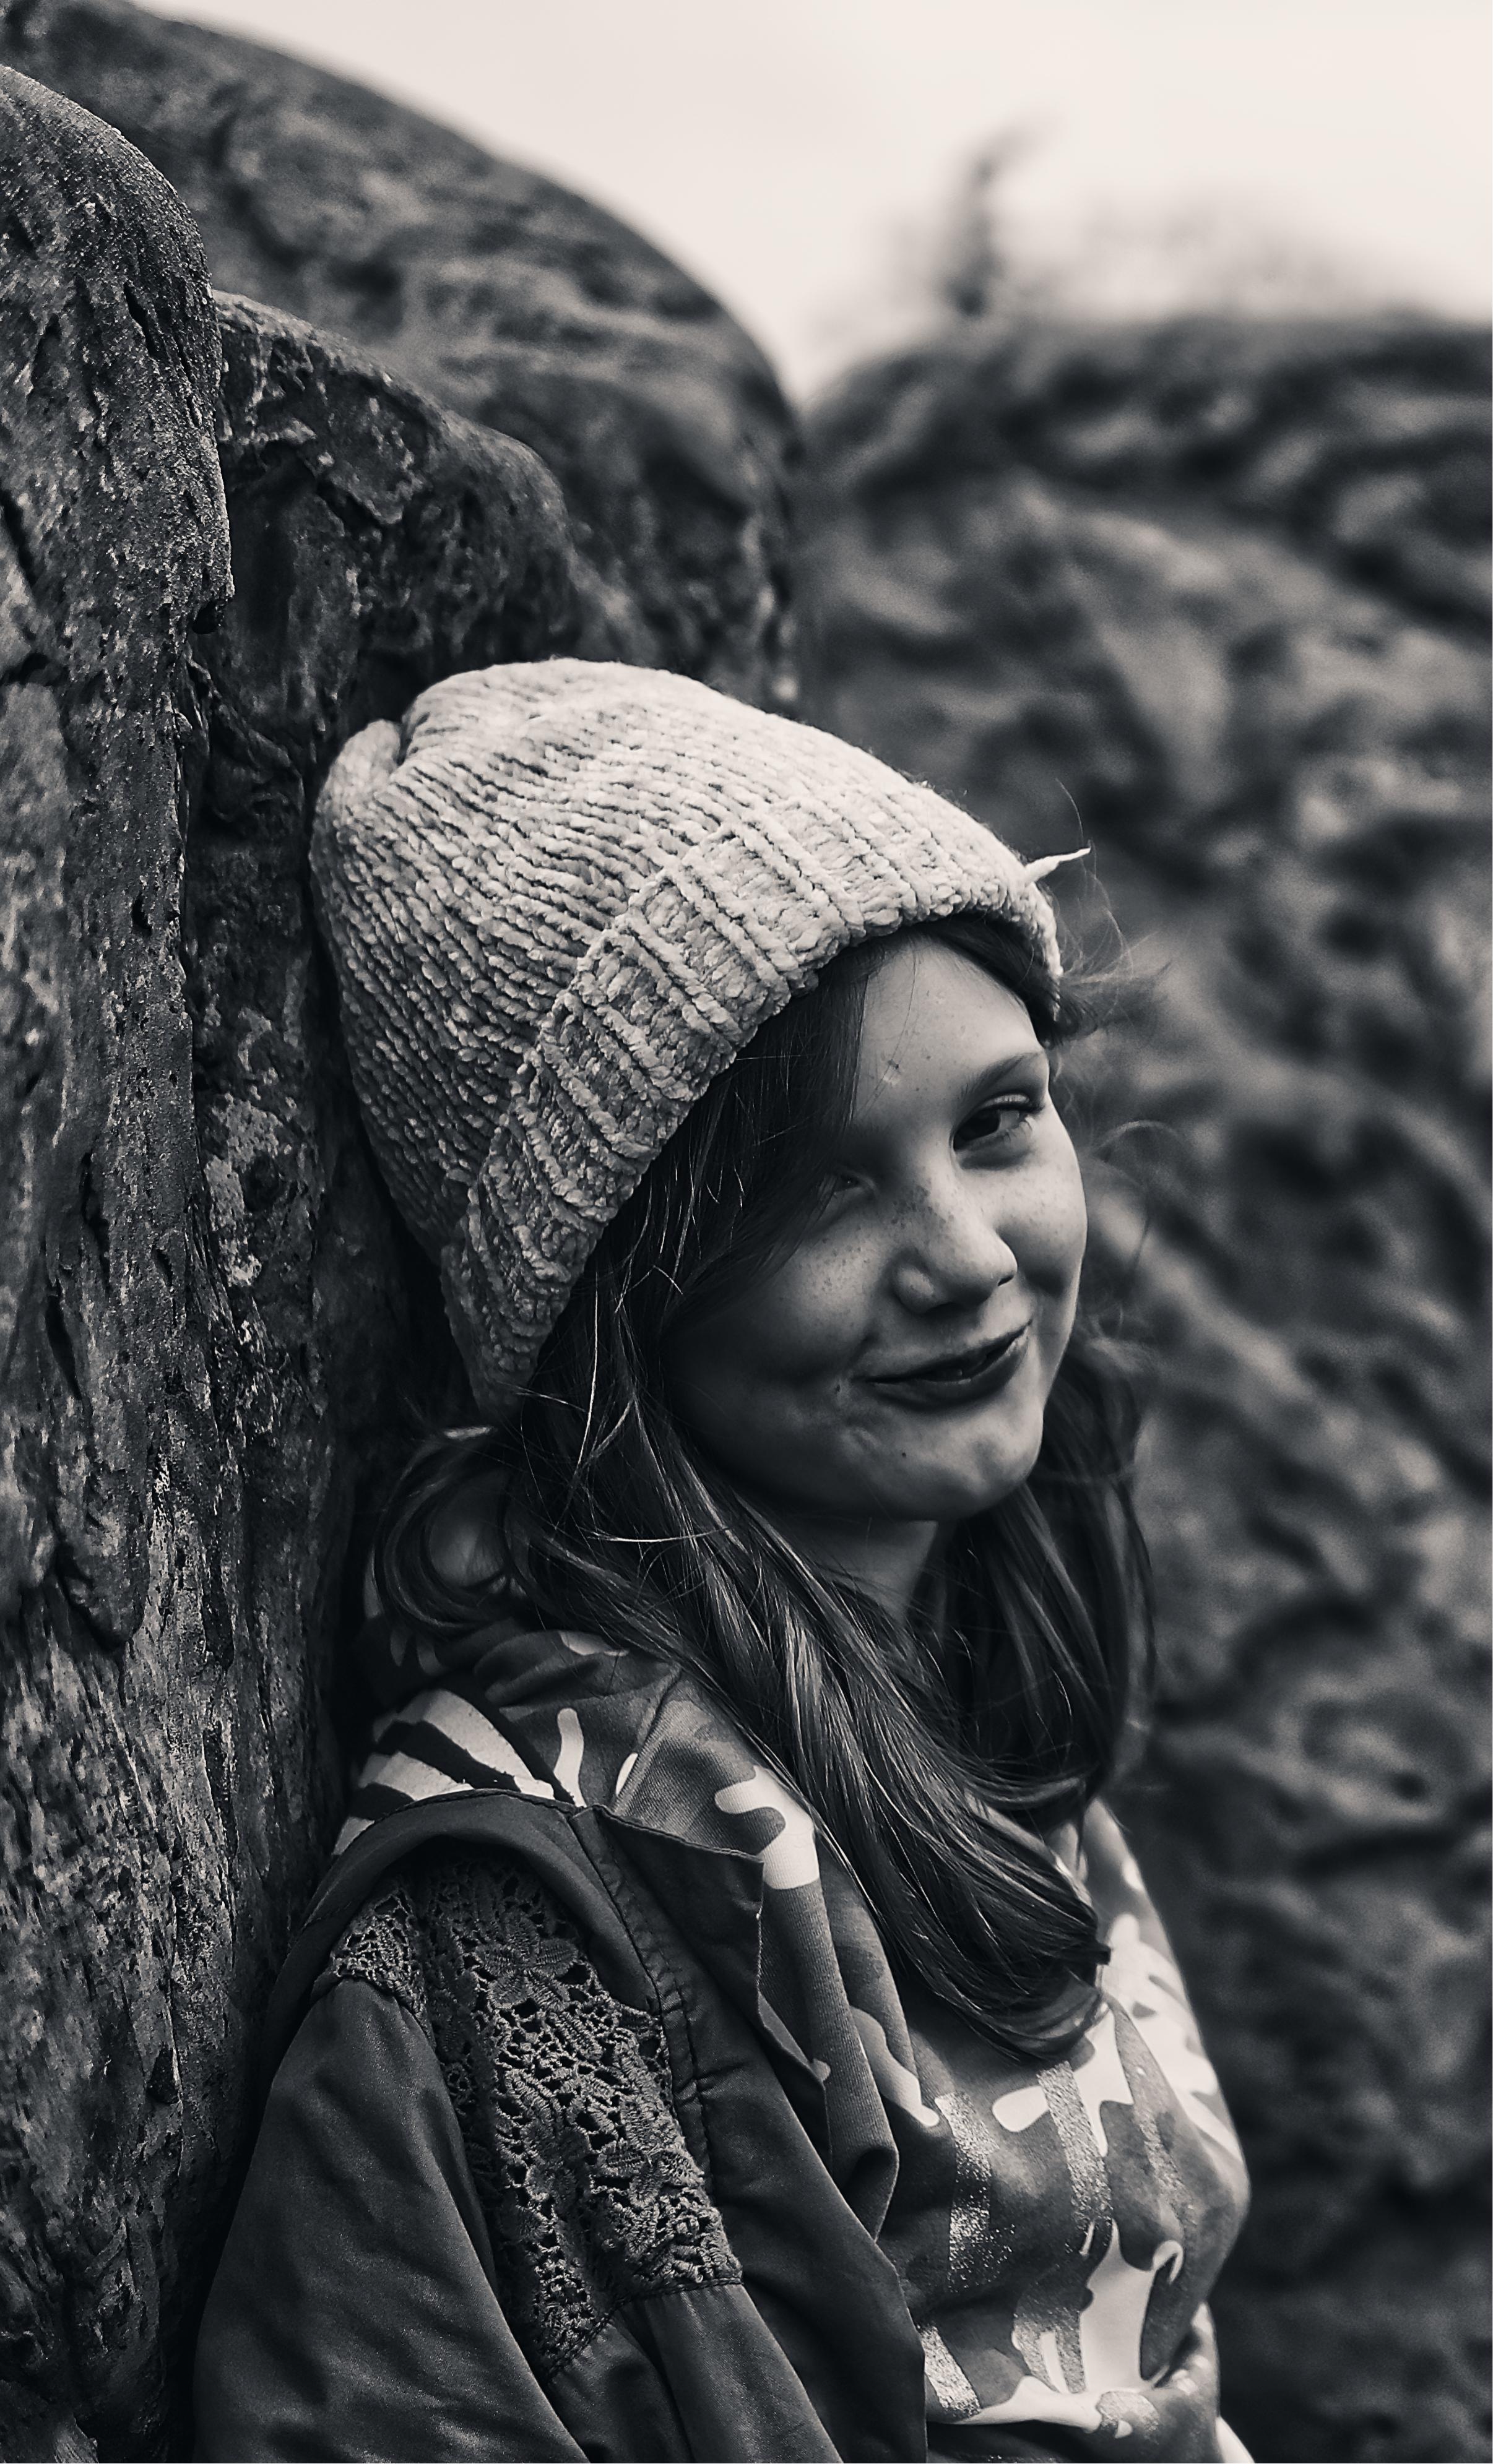 portrait photographer kent Luke Batchelor productions